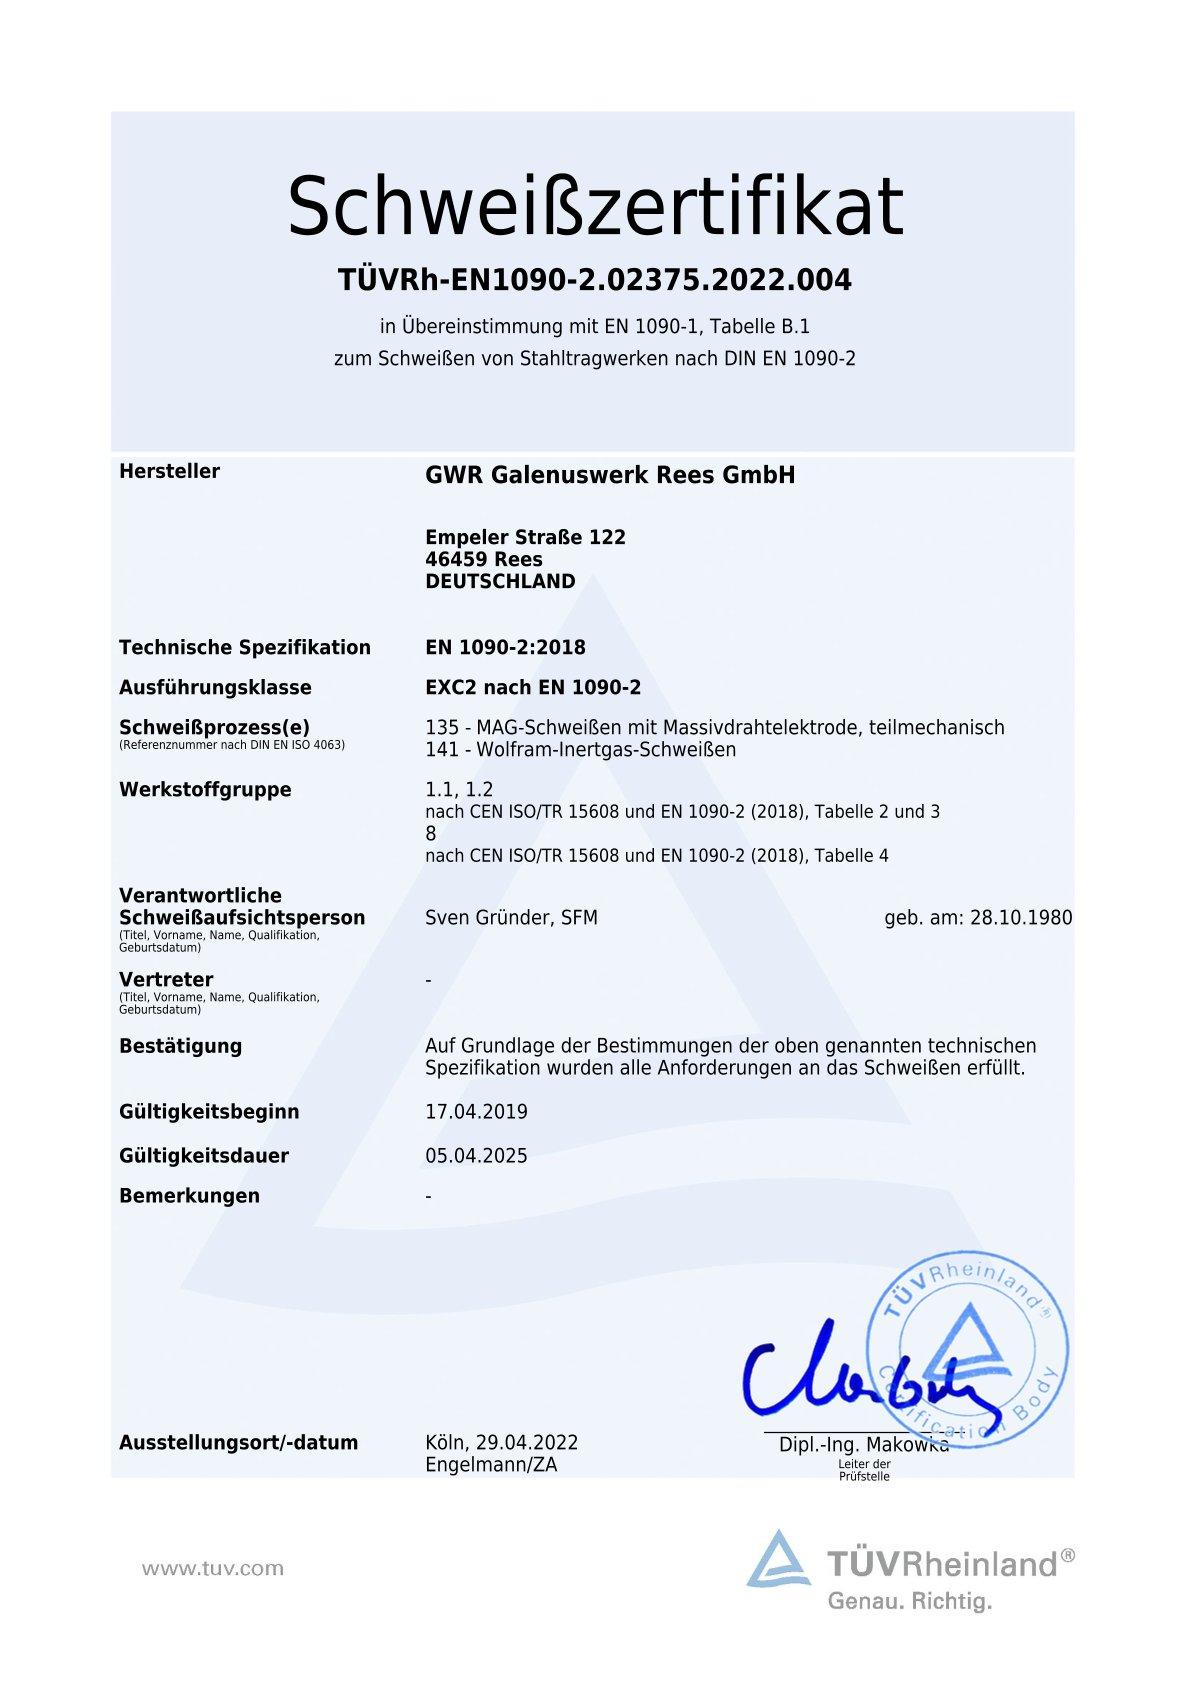 Schweißzertifikat des TÜV Rheinland.